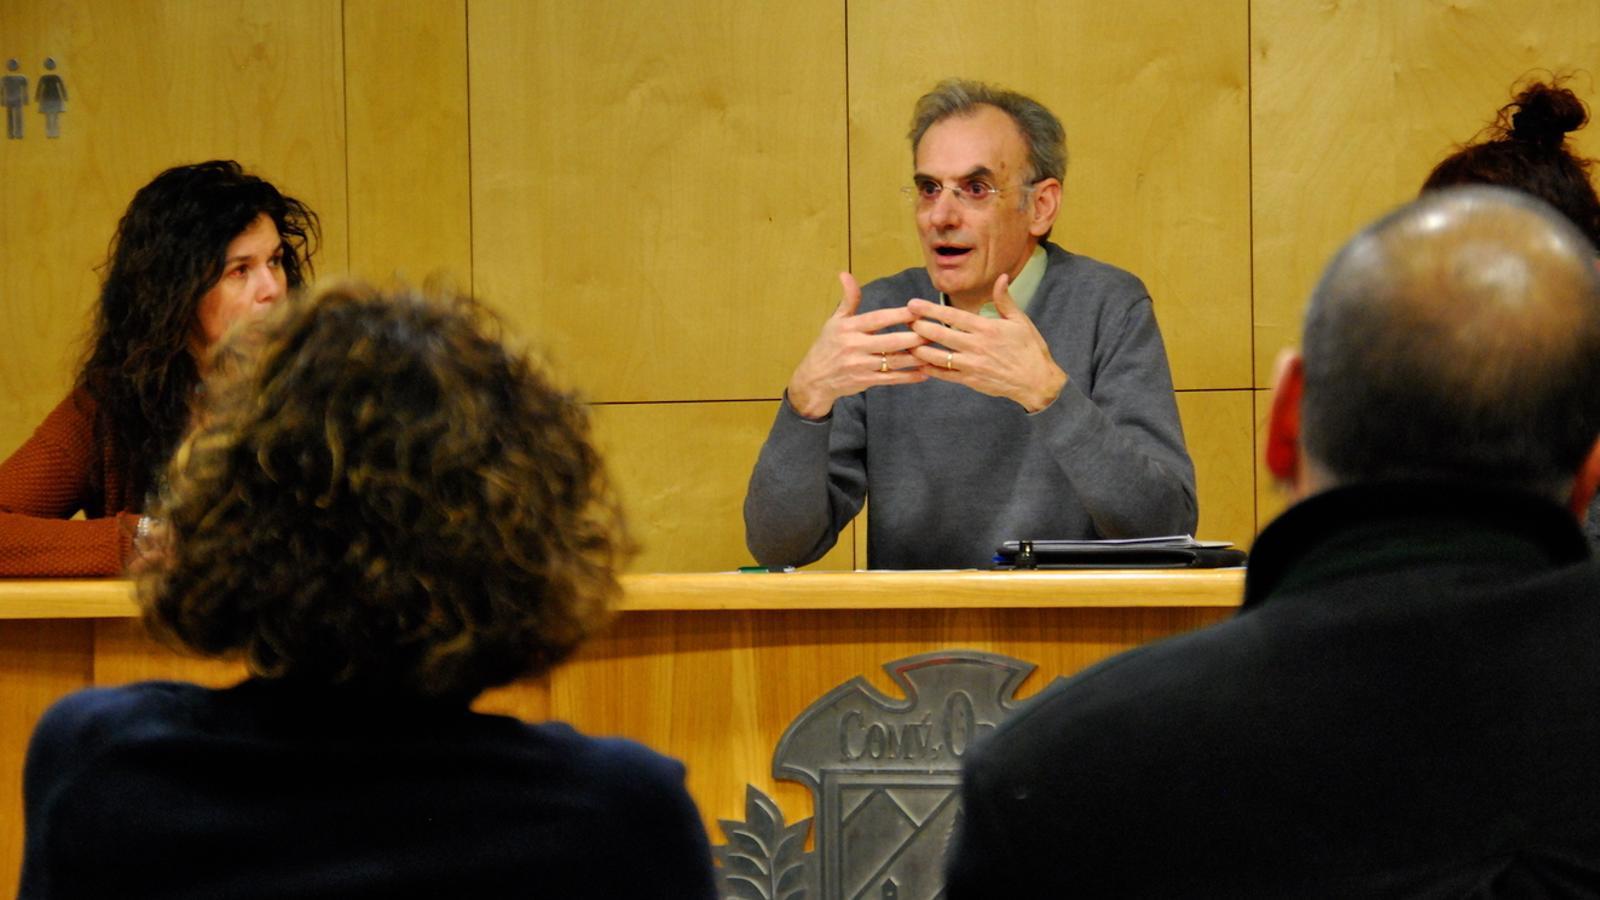 L'impulsor de la iniciativa, Lluís Babi, durant la reunió per tractar el futur del quart. / C. G. (ANA)